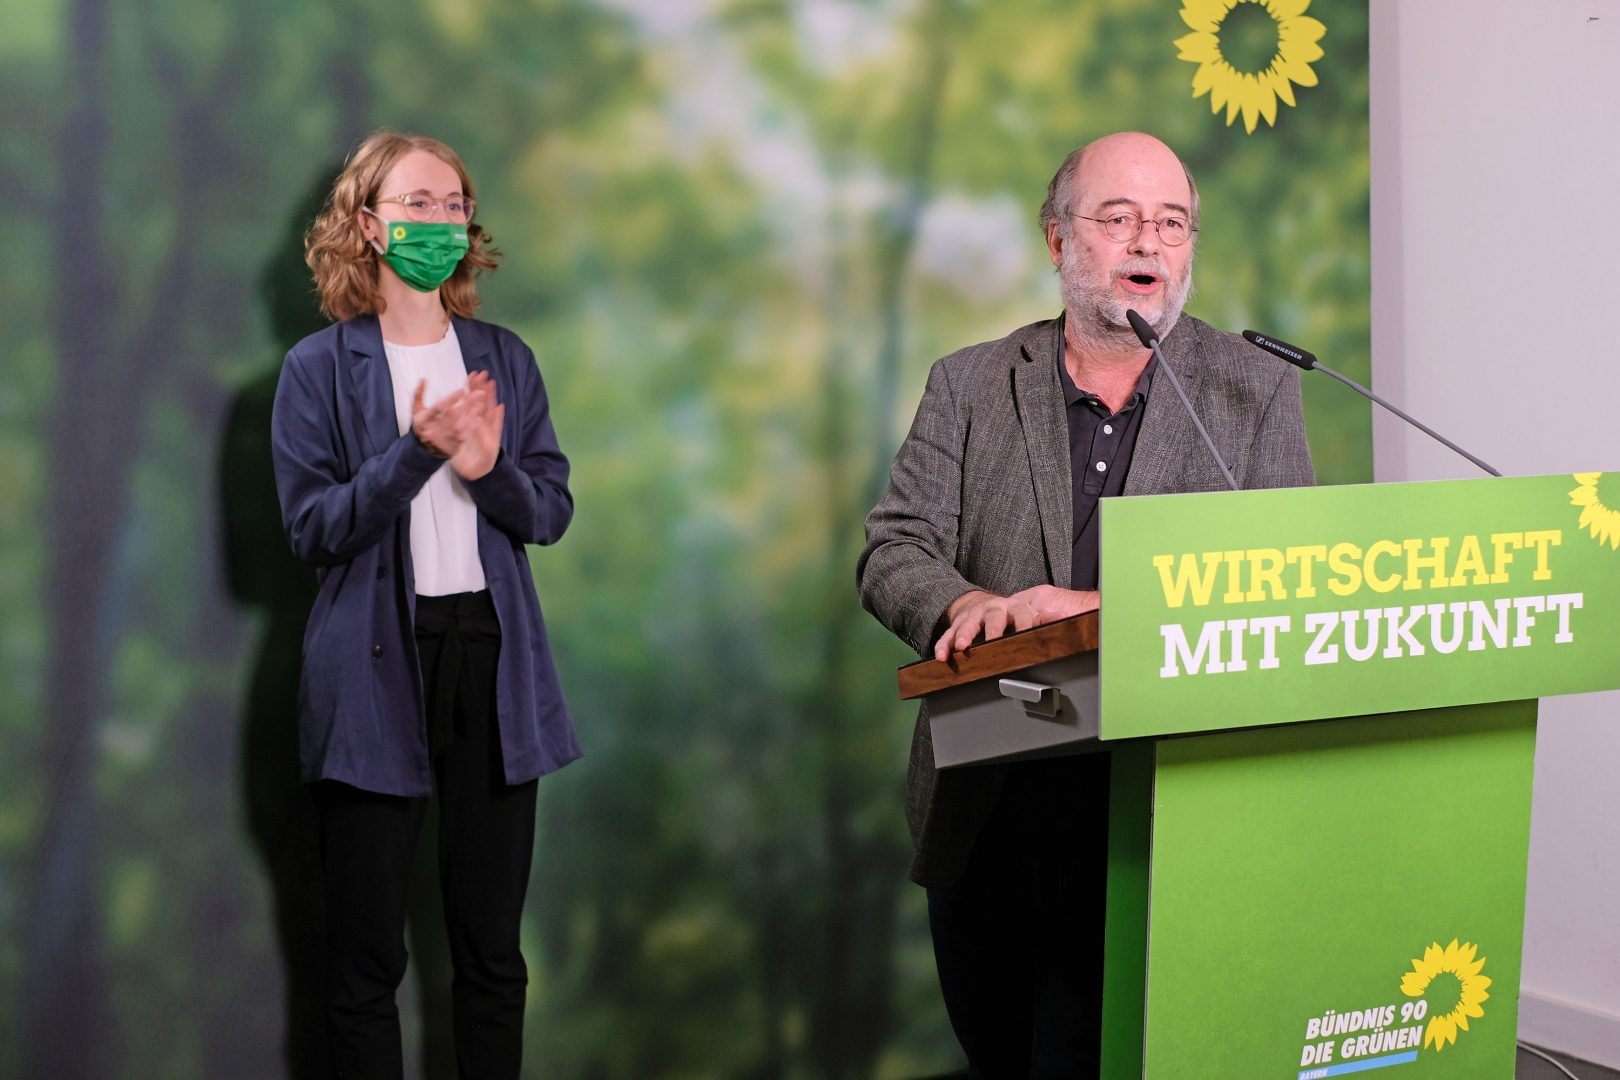 Eva Lettenbauer und Eike Hallitzky verabschieden die Delegierten und Zuschauer*innen am Ende des Parteitags